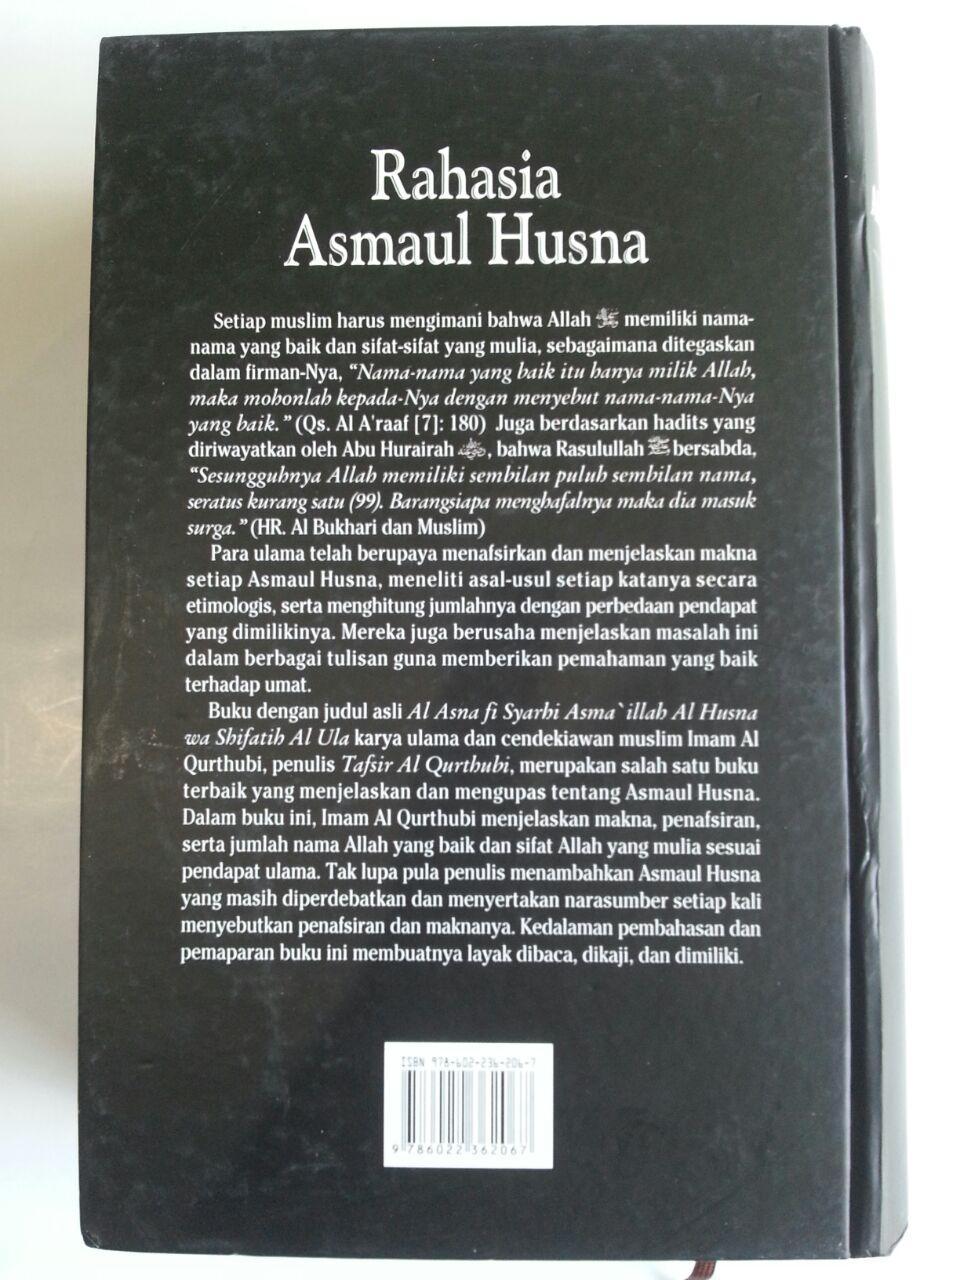 Buku Rahasia Asmaul Husna cover